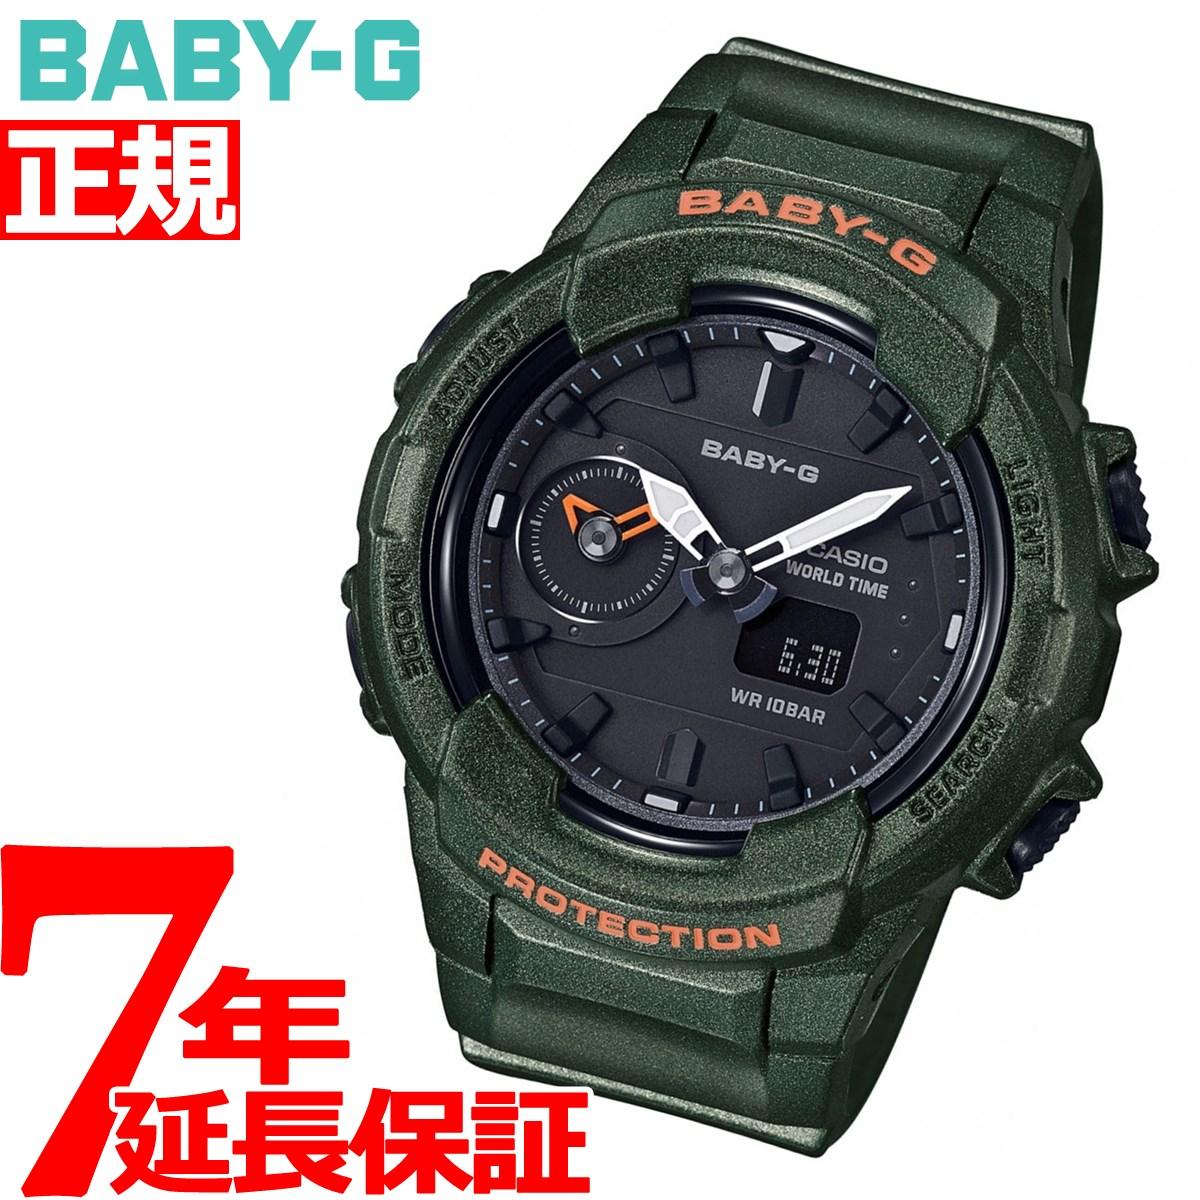 【お買い物マラソンは当店がお得♪本日20より!】カシオ ベビーG CASIO BABY-G 腕時計 レディース BGA-230S-3AJF